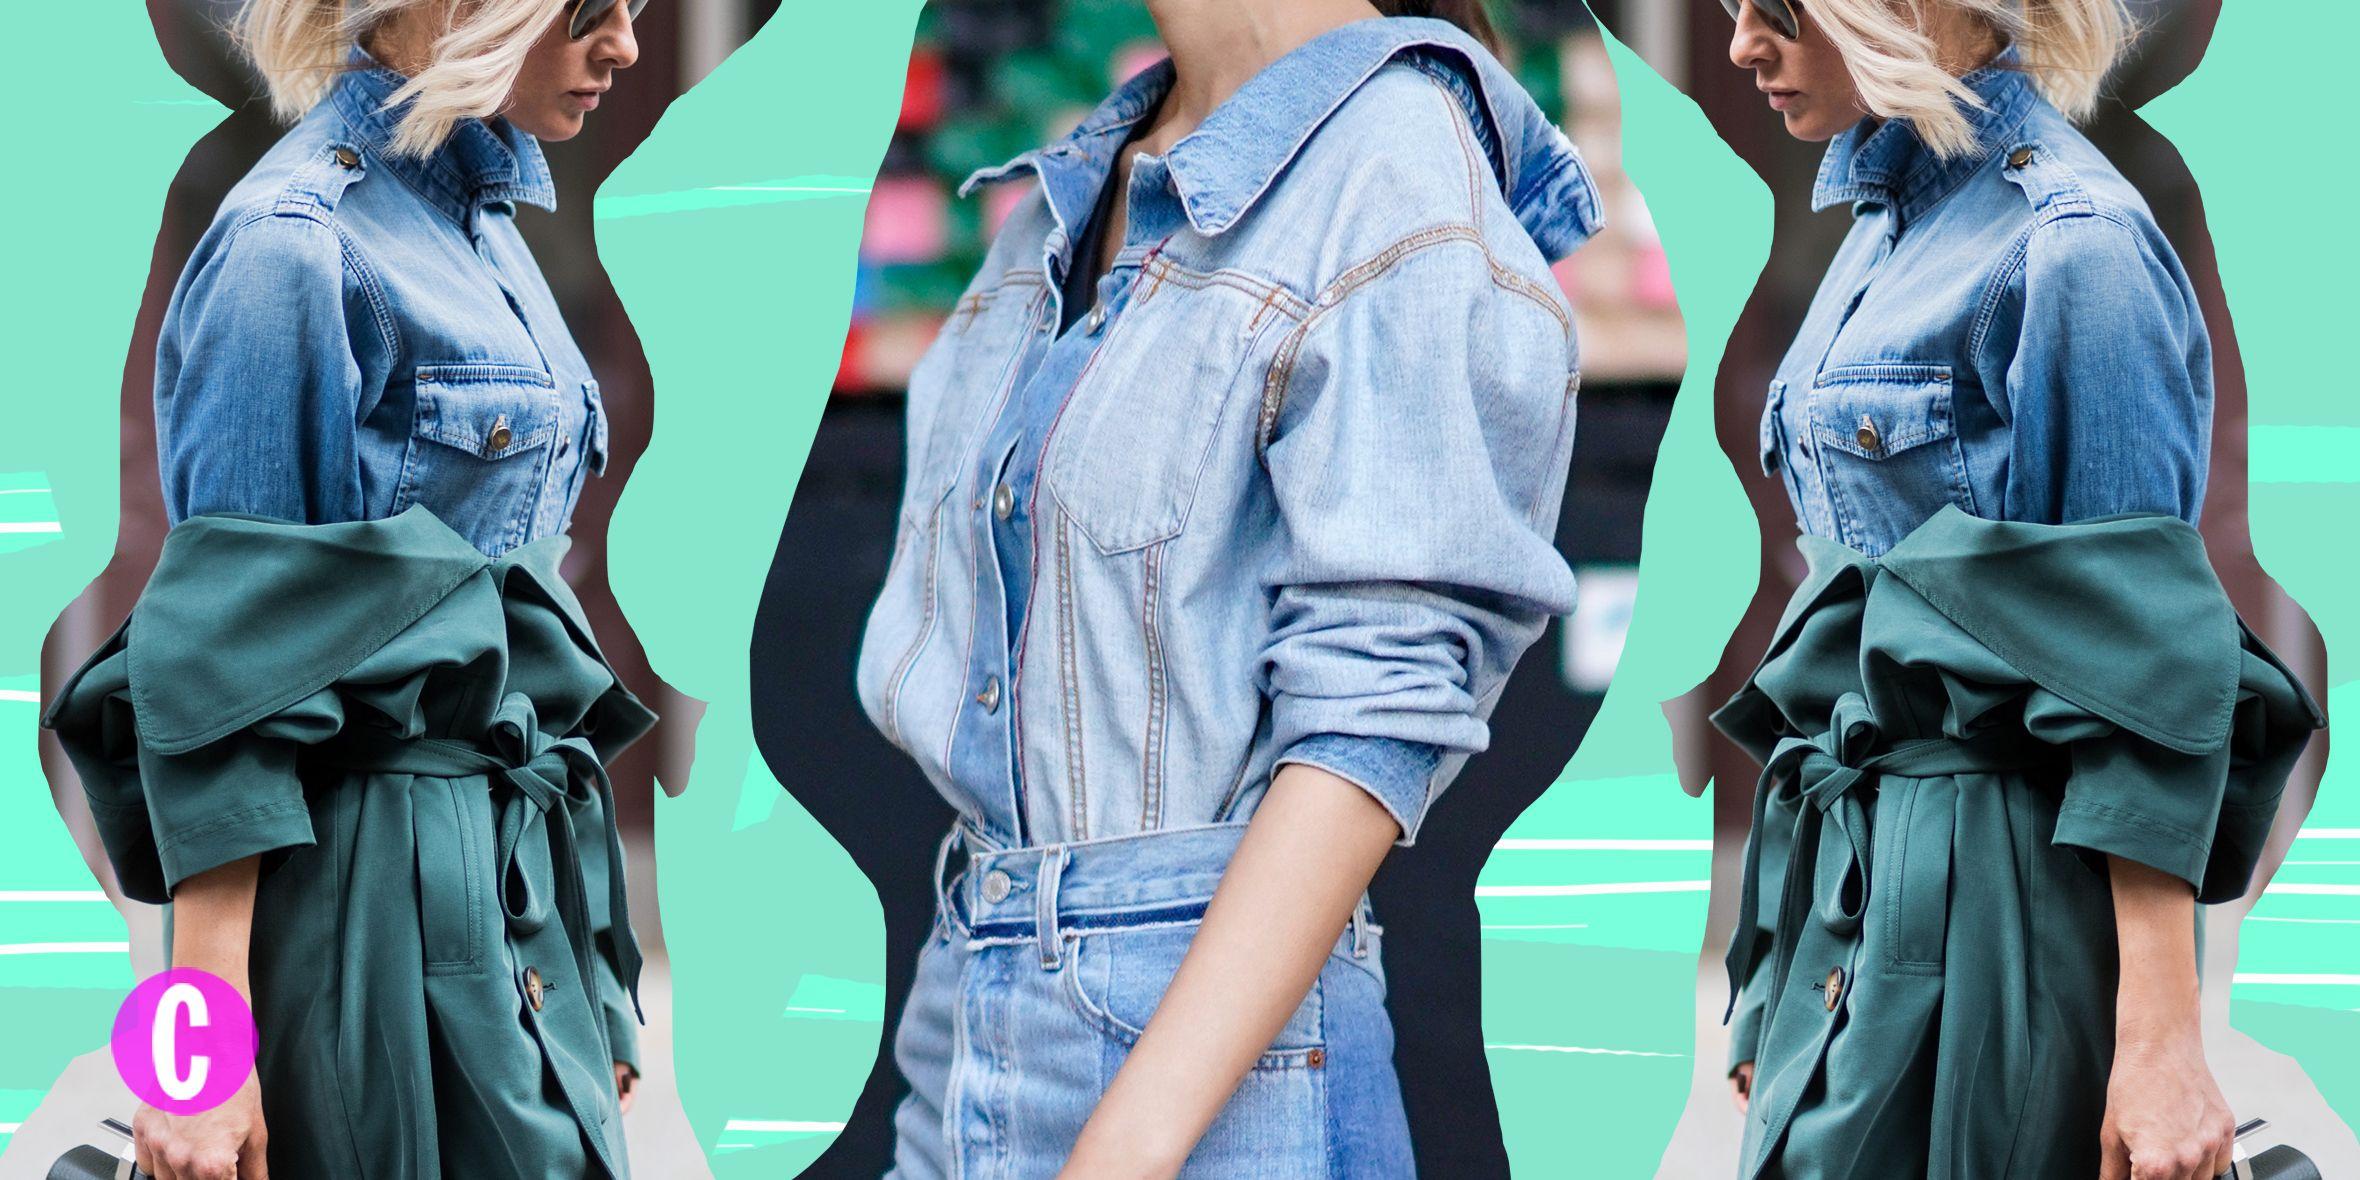 La camicia di jeans come va indossata per essere alla moda? Guarda le immagini degli outfit di tendenza per l'estate 2018 e scopri i look più glam da copiare ora.